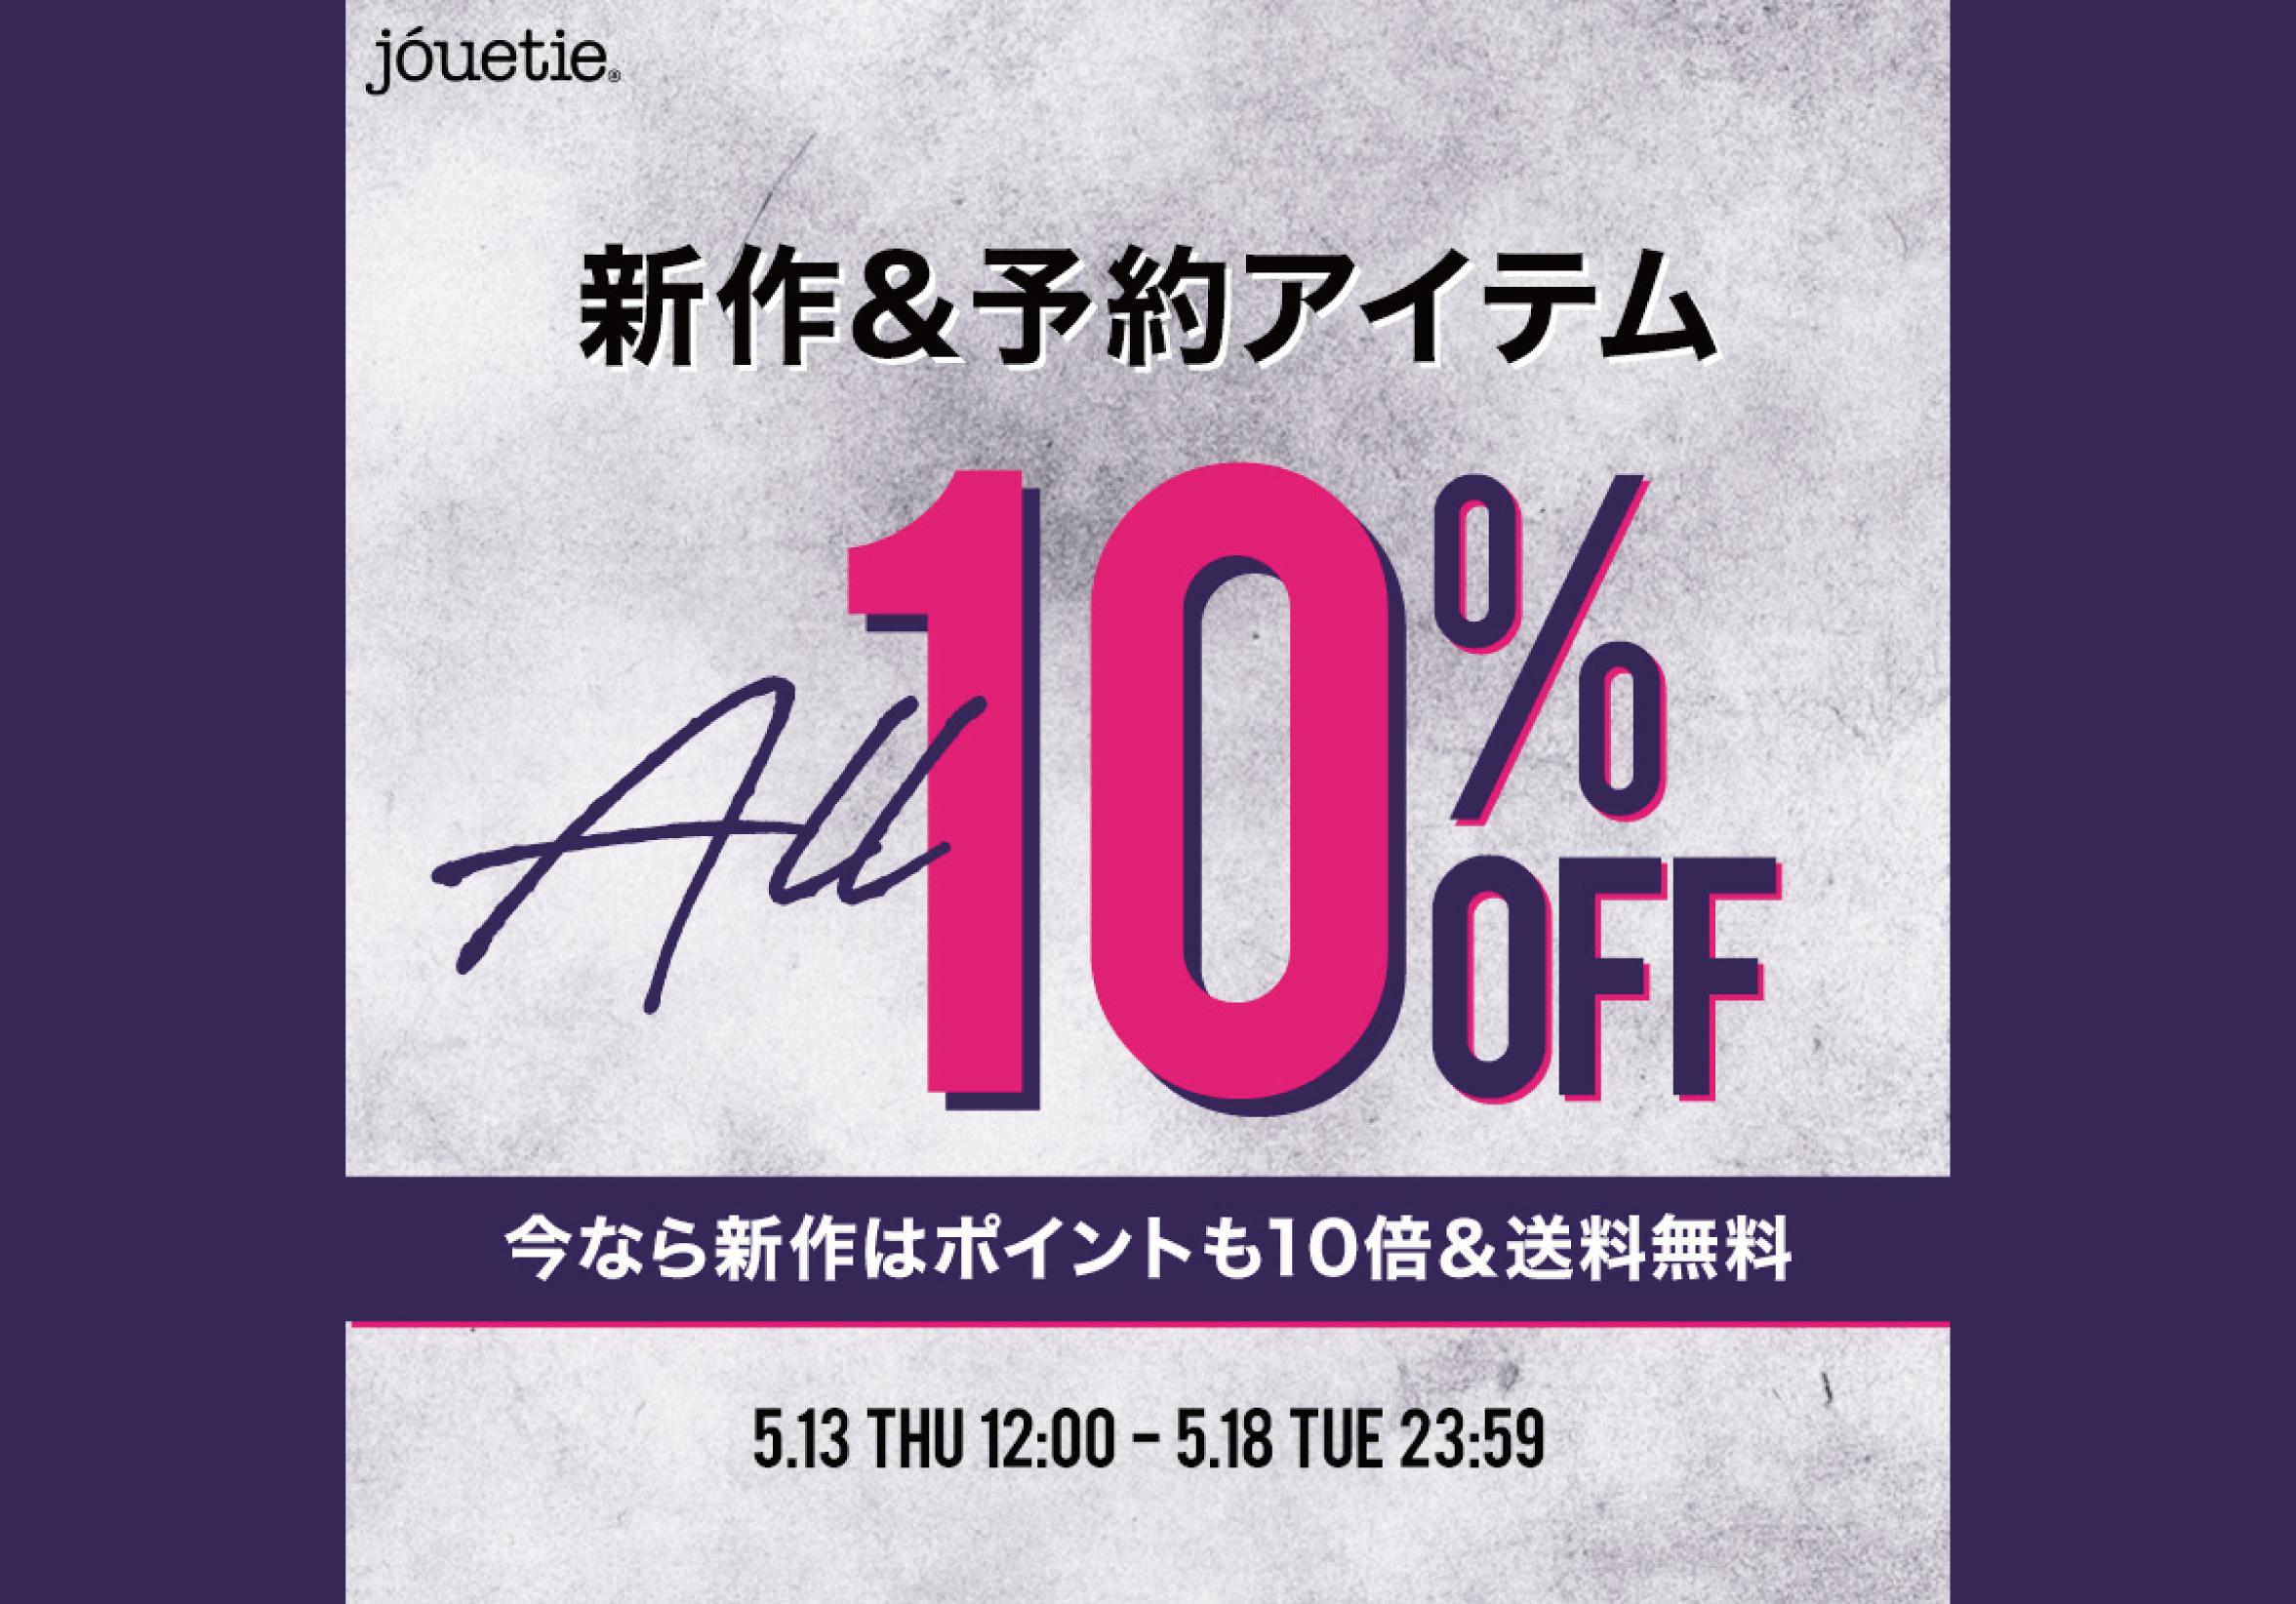 【新作アイテム&予約アイテム ALL10%OFF!!】